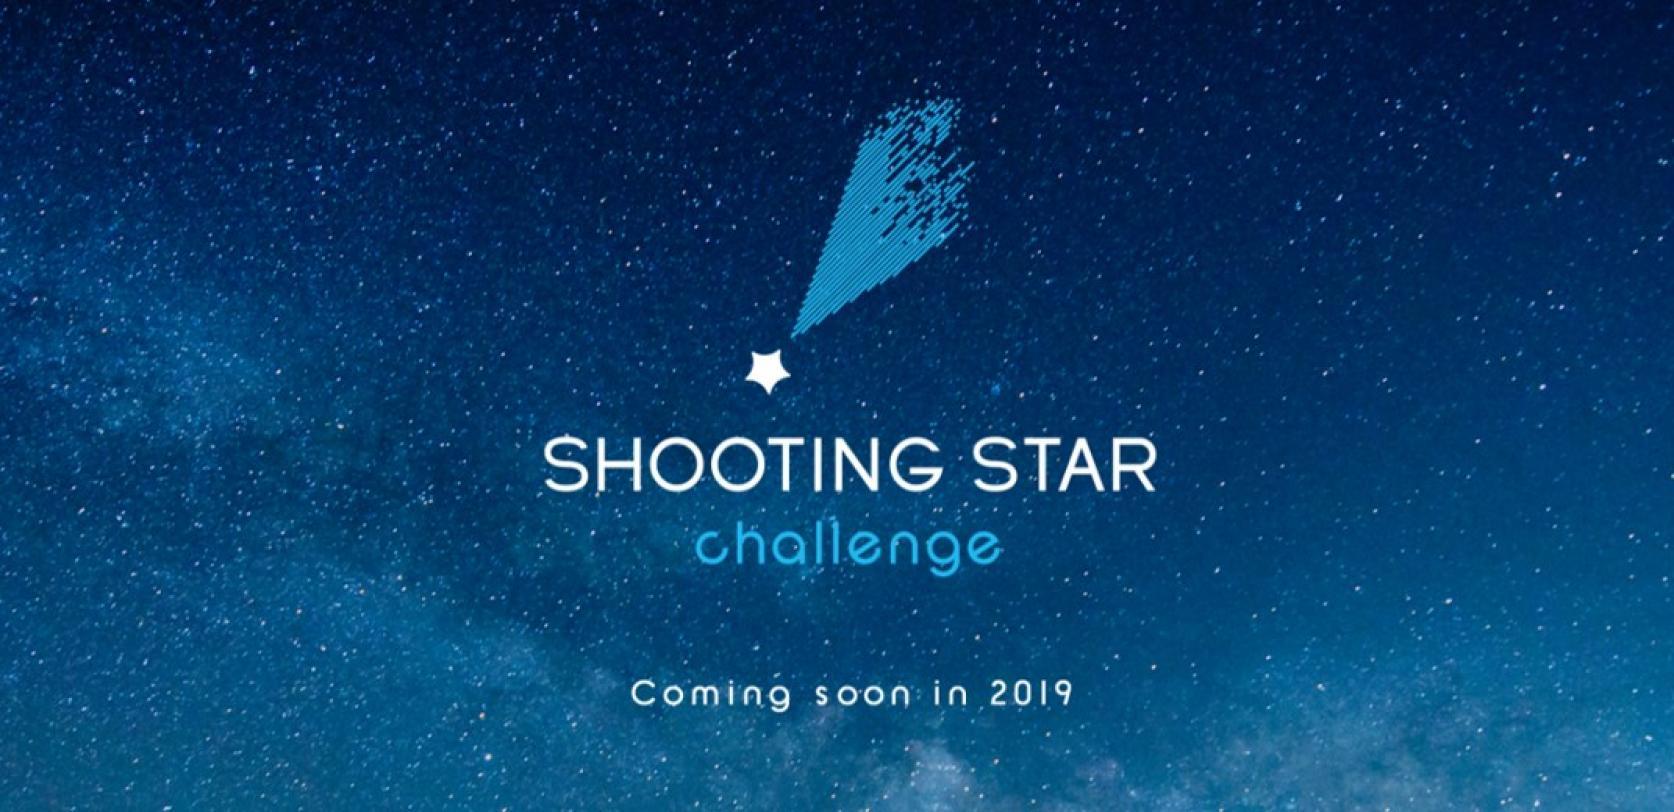 航空宇宙工学科 阿部新助准教授らが(株)ALEと共同開発している人工流れ星のプロジェクト「Shooting Star challenge」に、ファミリーマートと日本航空がオフィシャル・パートナーとなることが発表されました。